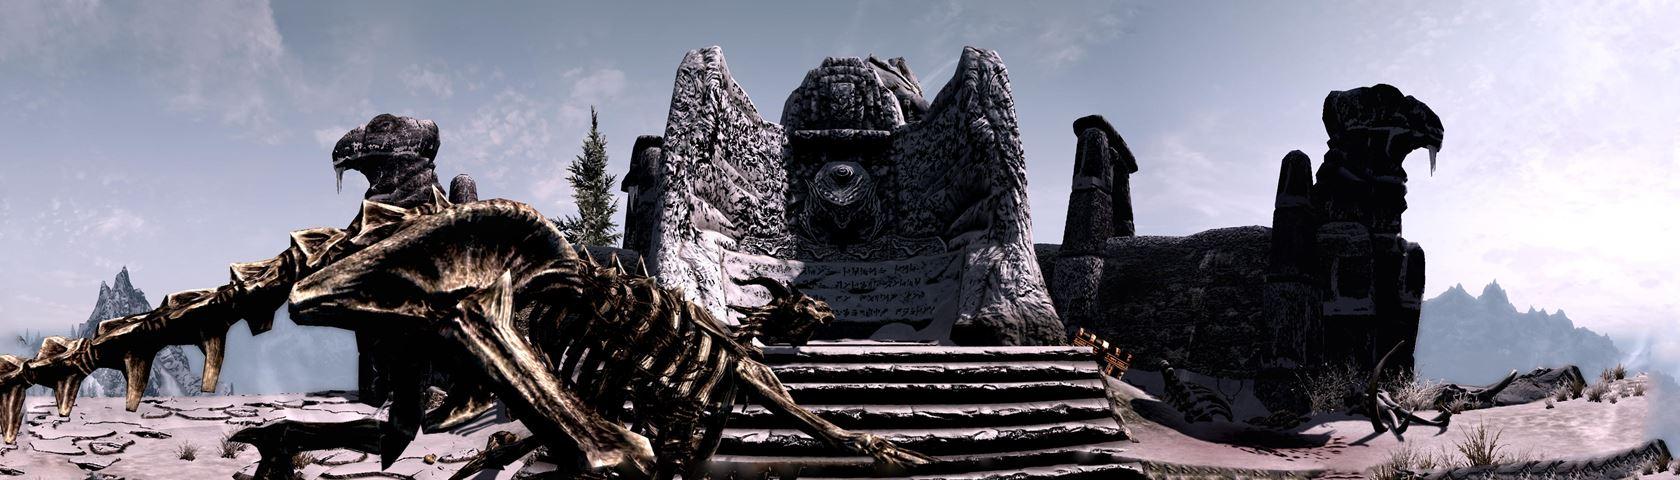 EldersBlood Peak Skyrim